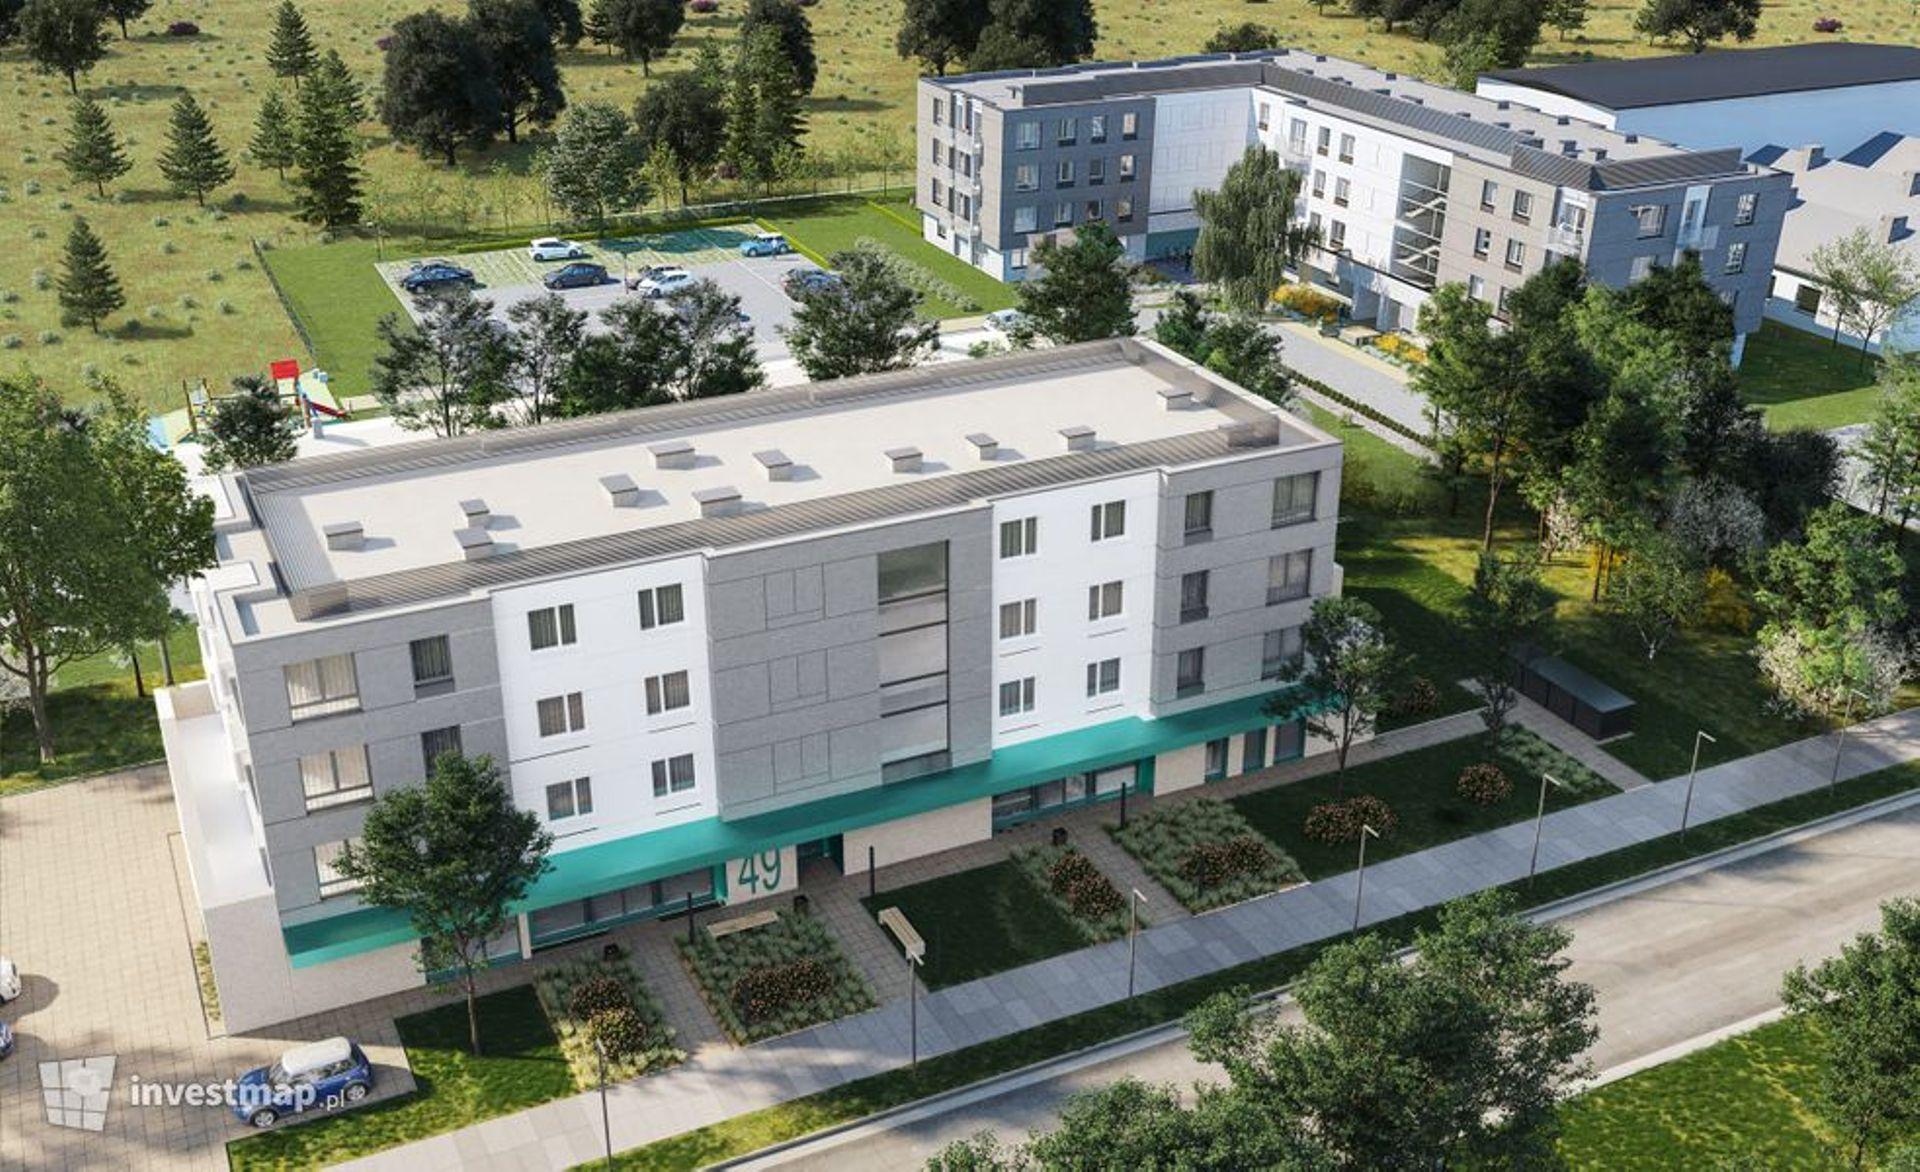 Wrocław: Rusza drugi etap budowy osiedla Meteos – najbardziej pogodnego osiedla w stolicy Dolnego Śląska